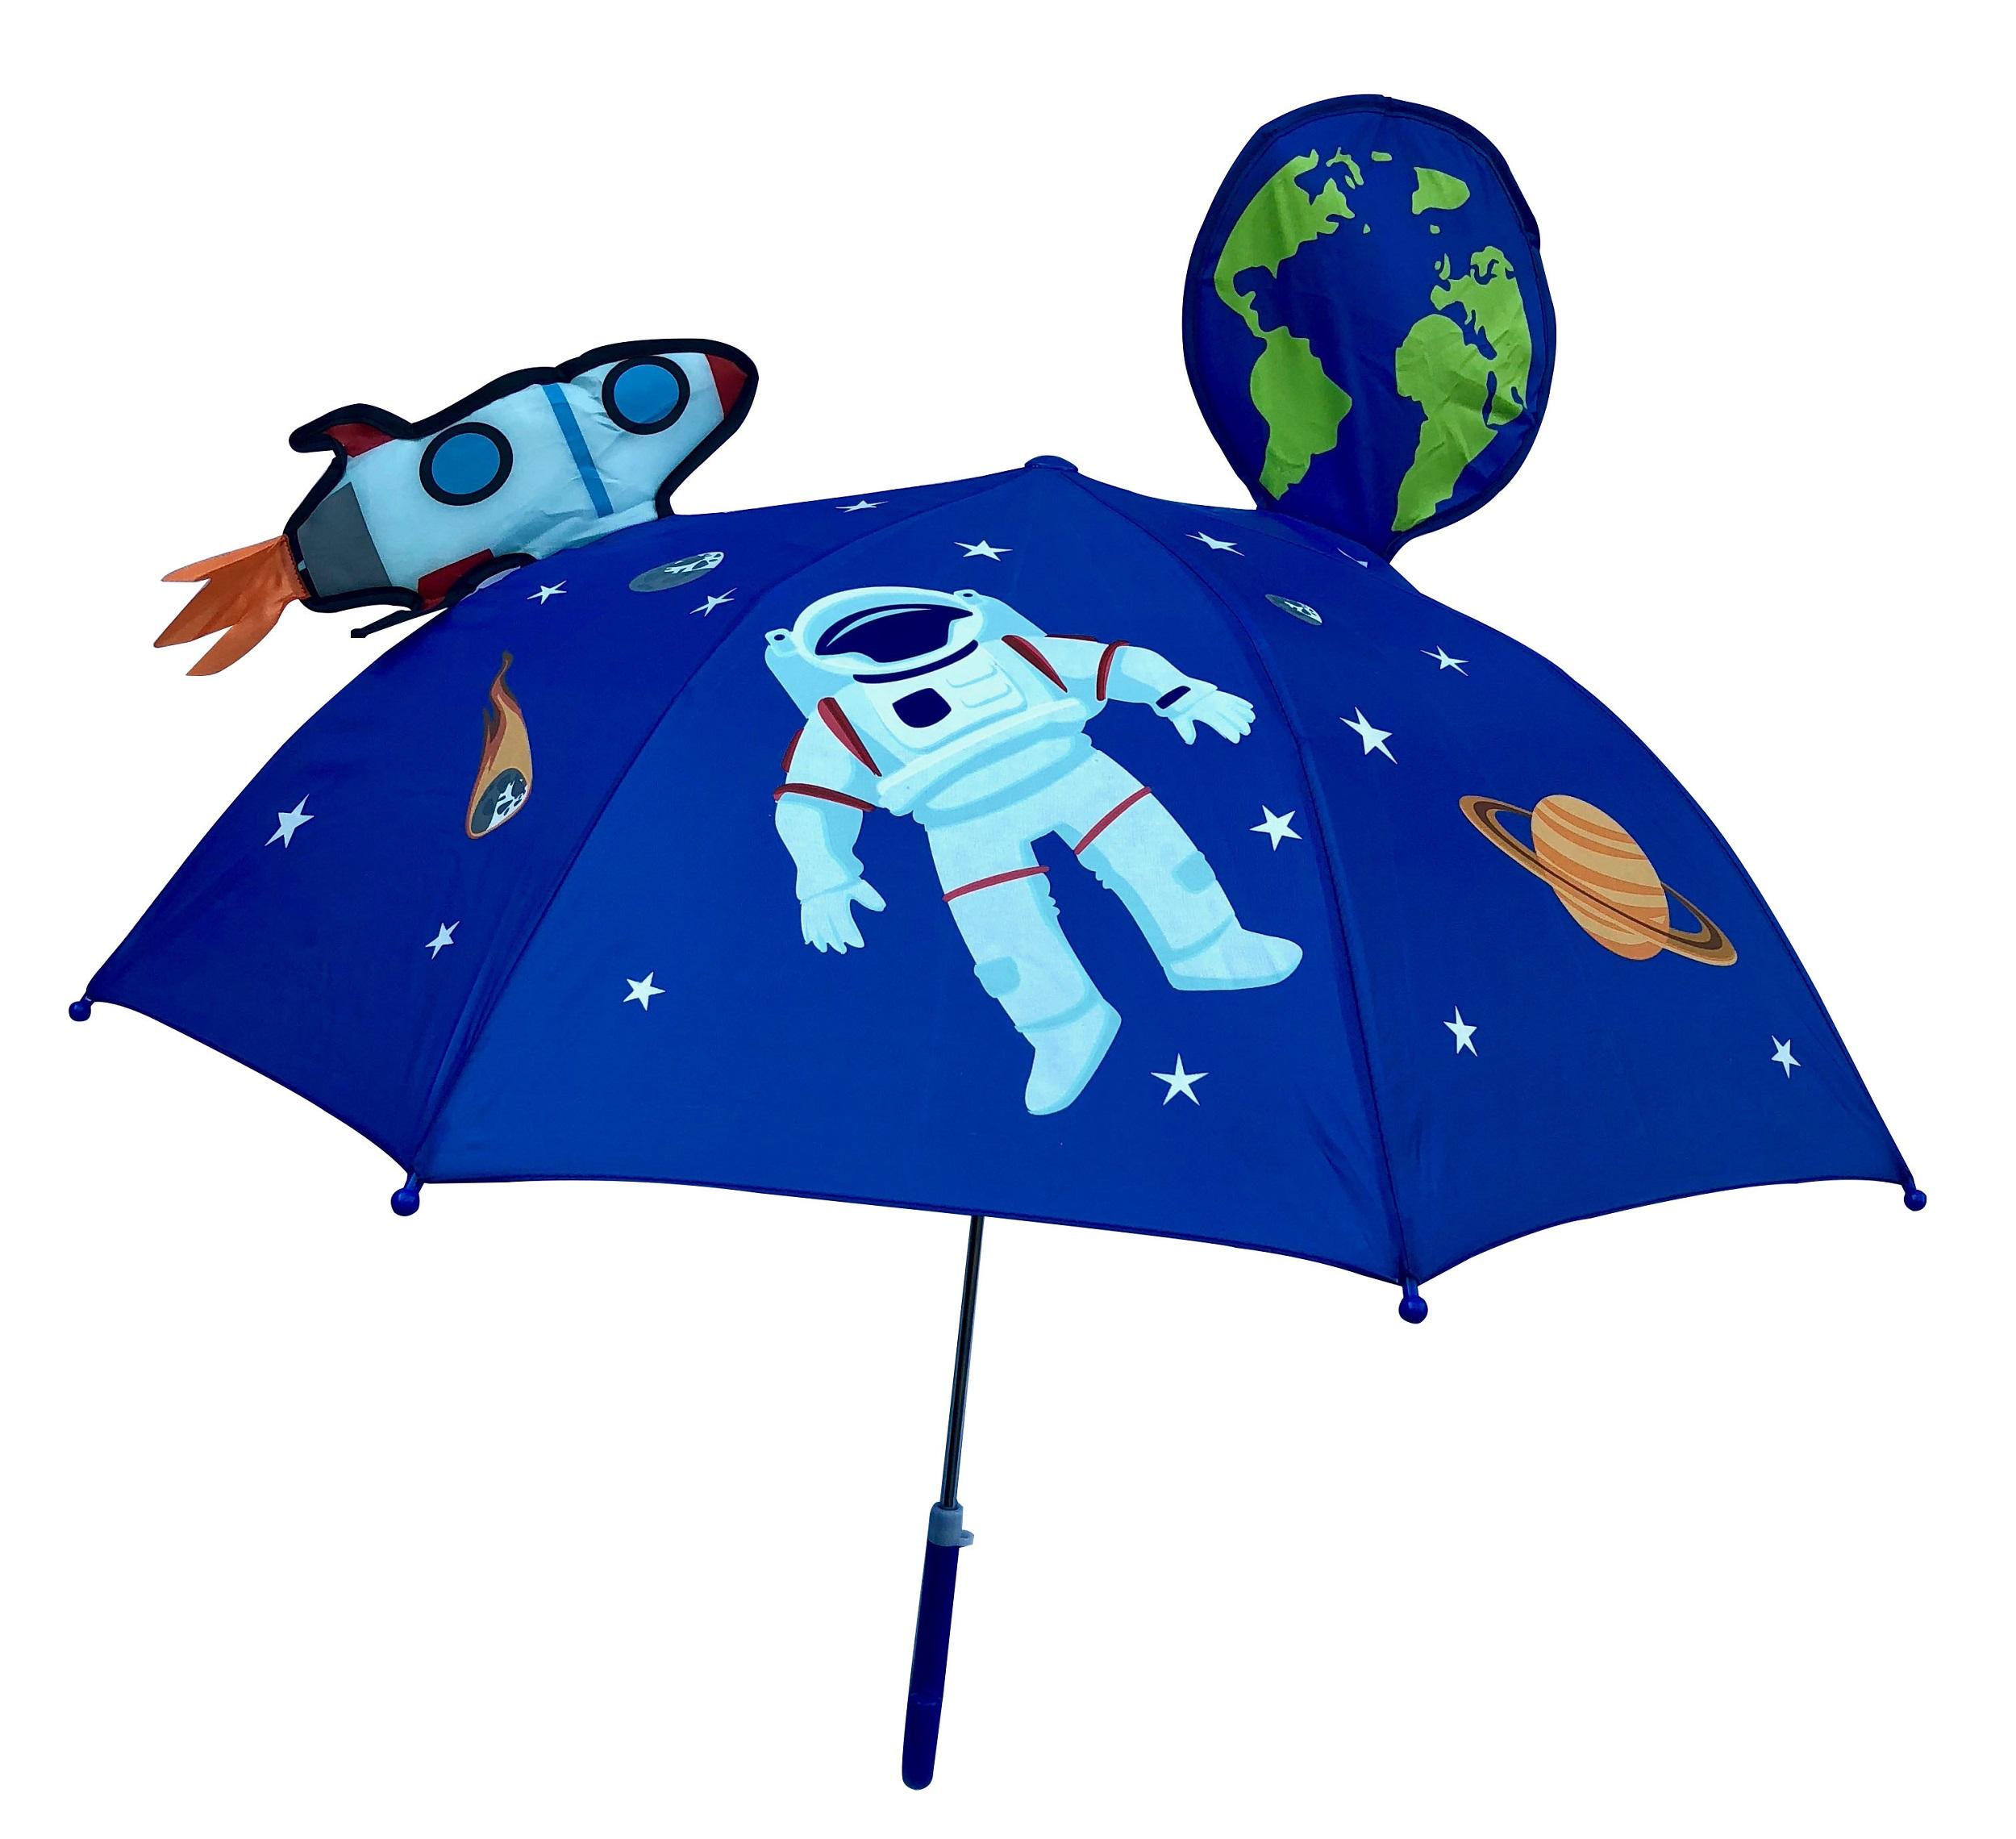 Kinder KIDS Regenschirm orig Mercedes Benz  Regen schirm Umbrella grün  Ø 75 cm